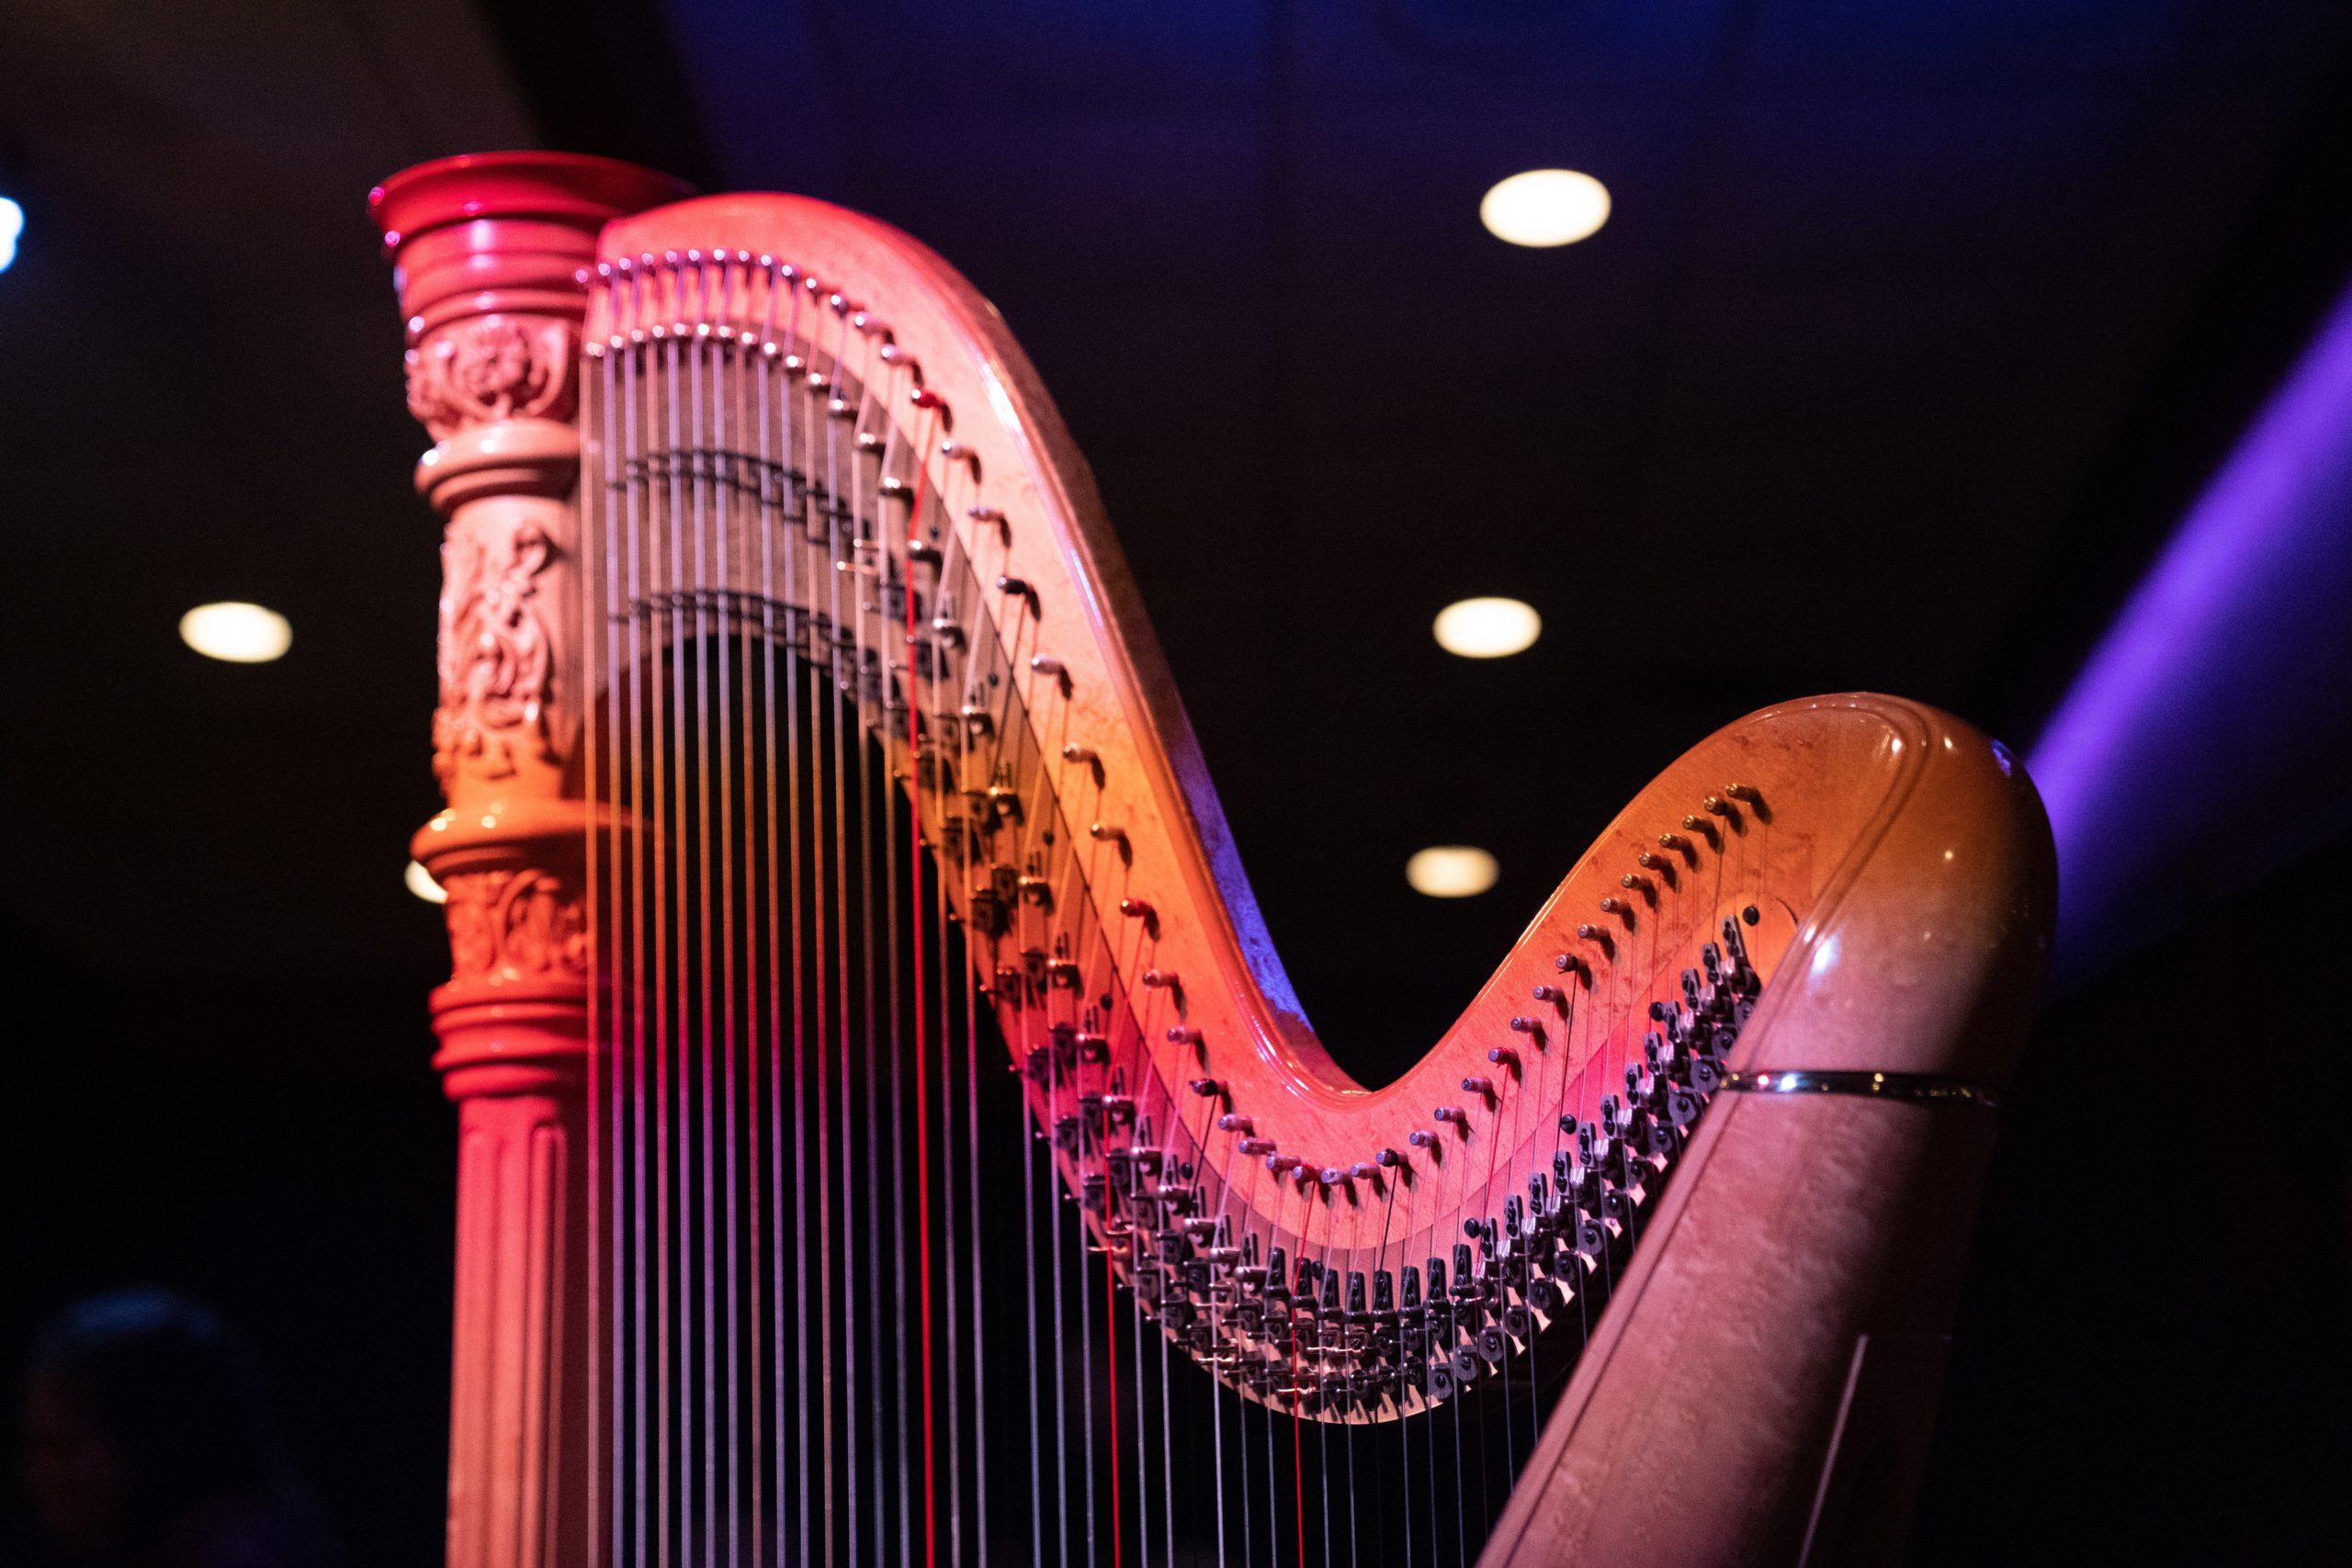 Top of Harp